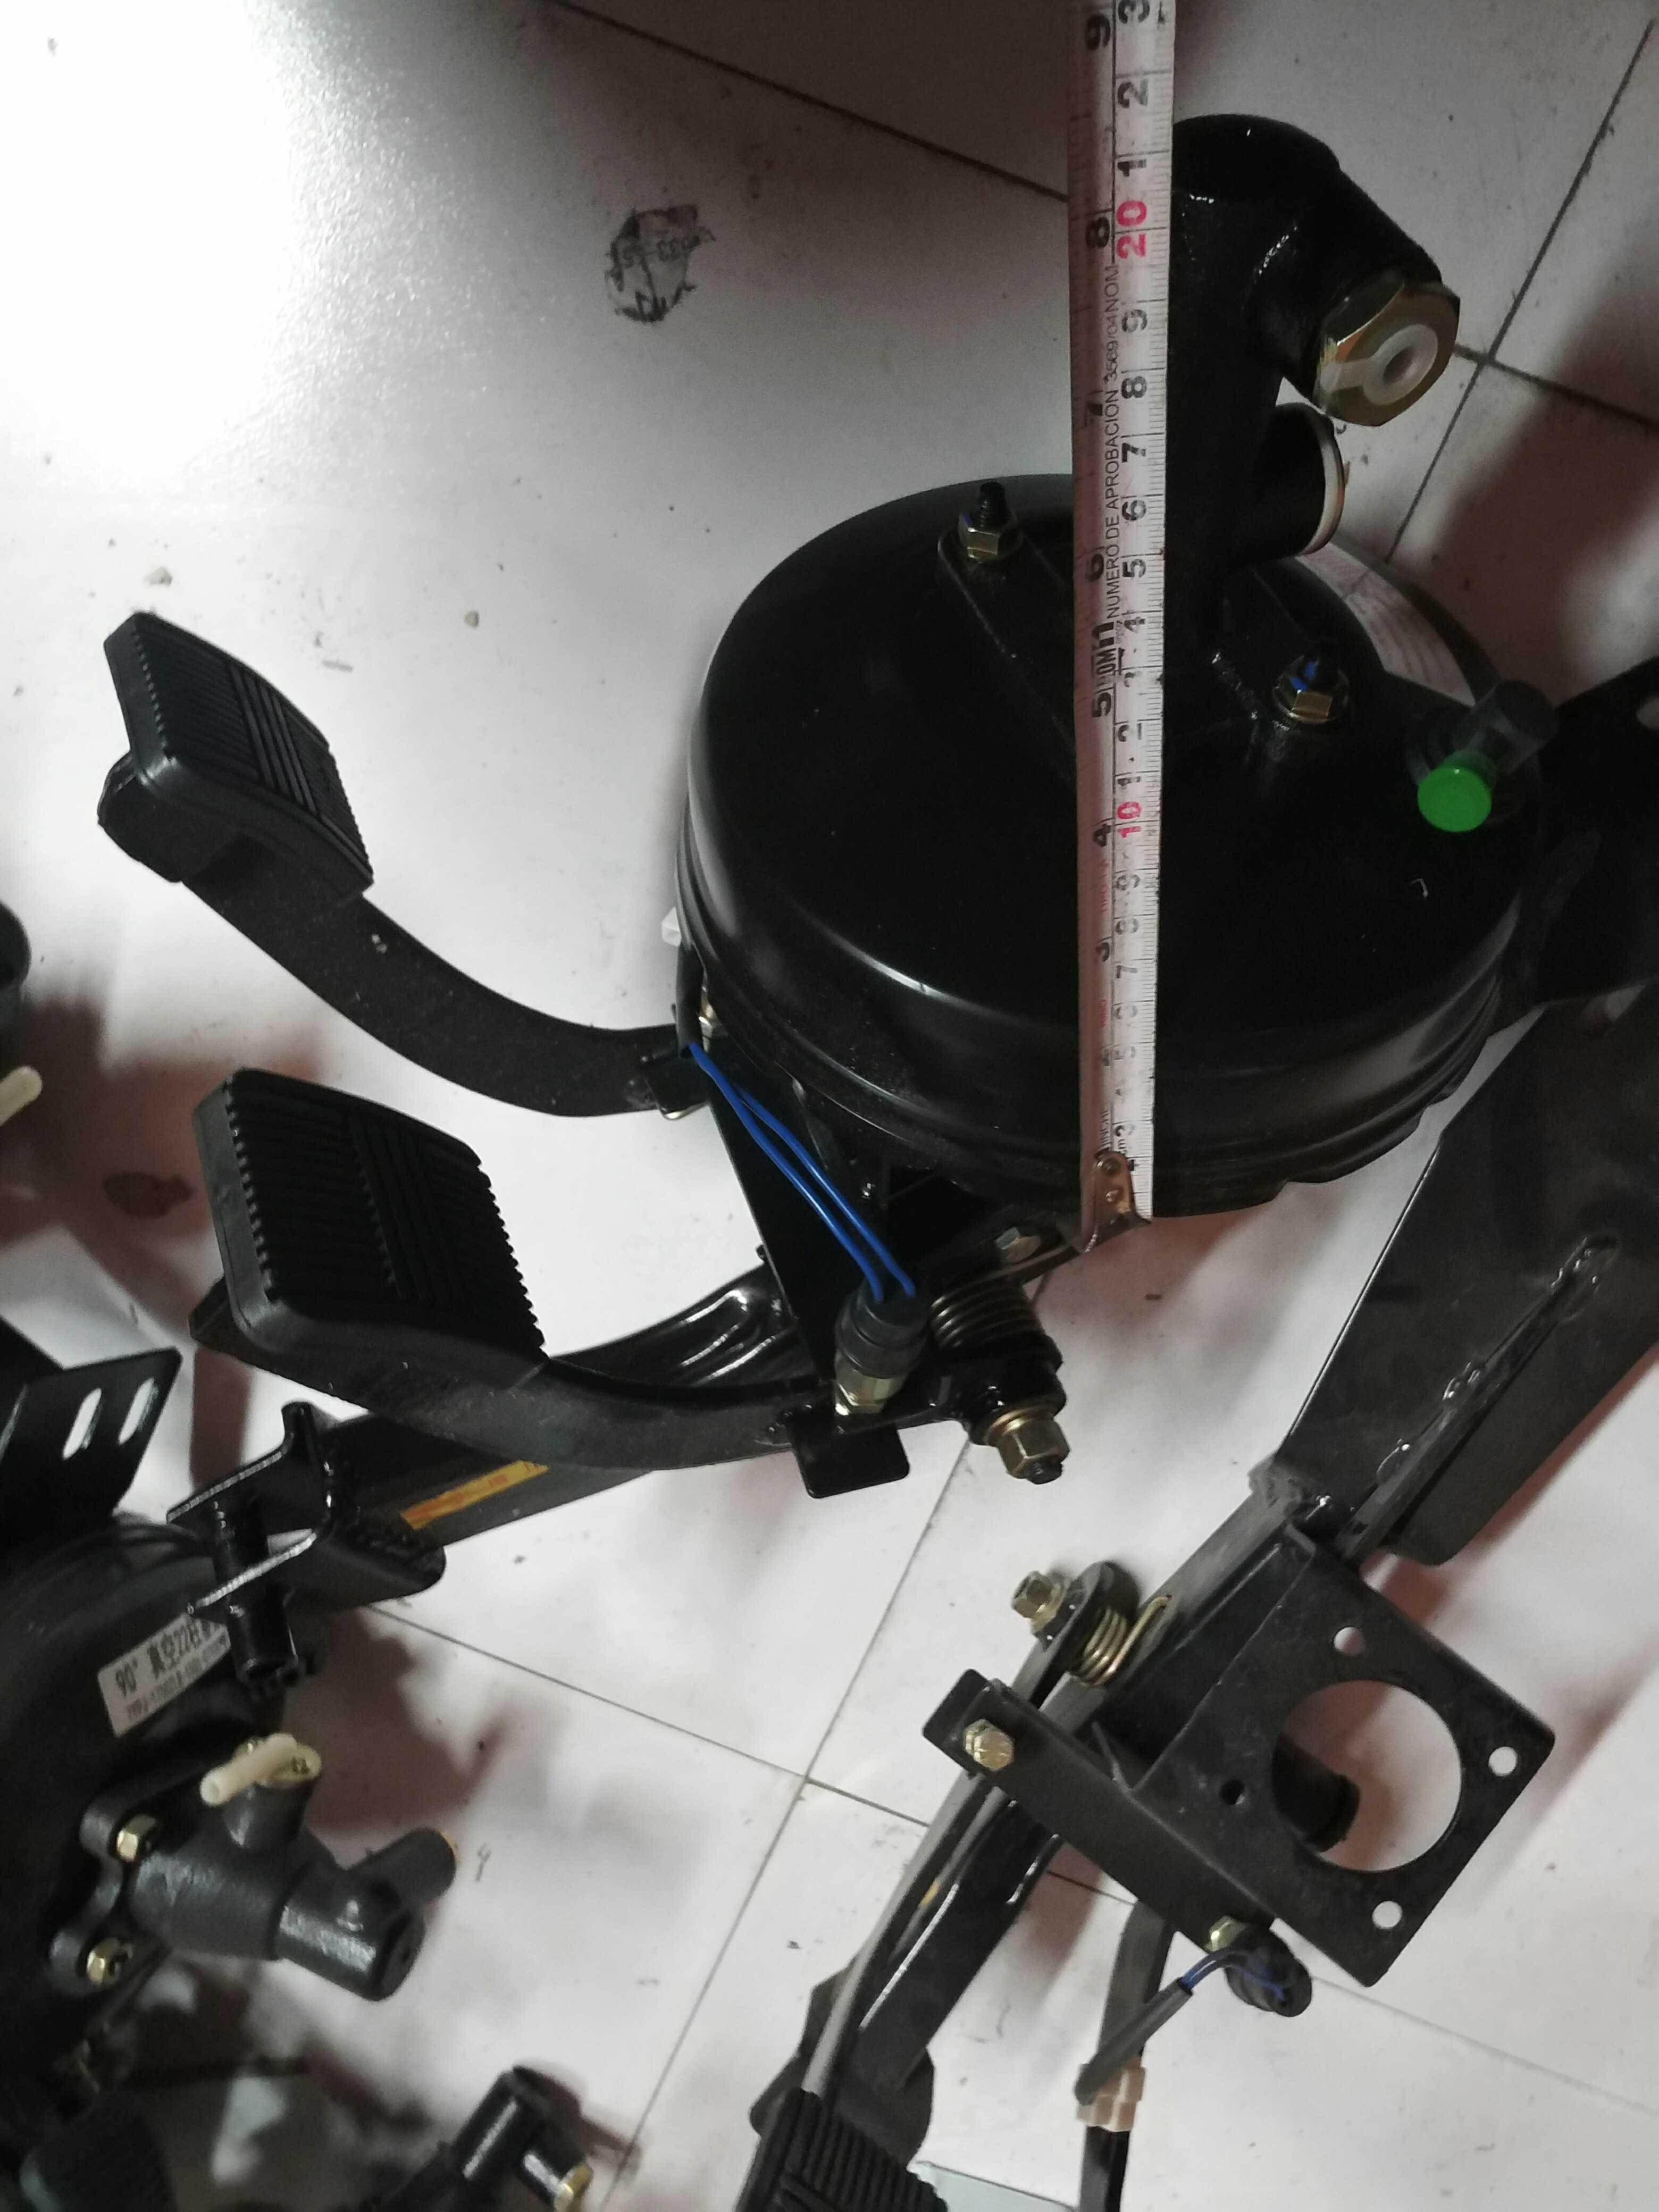 om en fullständig uppsättning under vakuum booster pack vakuumrör vakuumpump vakuumbehållare tankfartyg